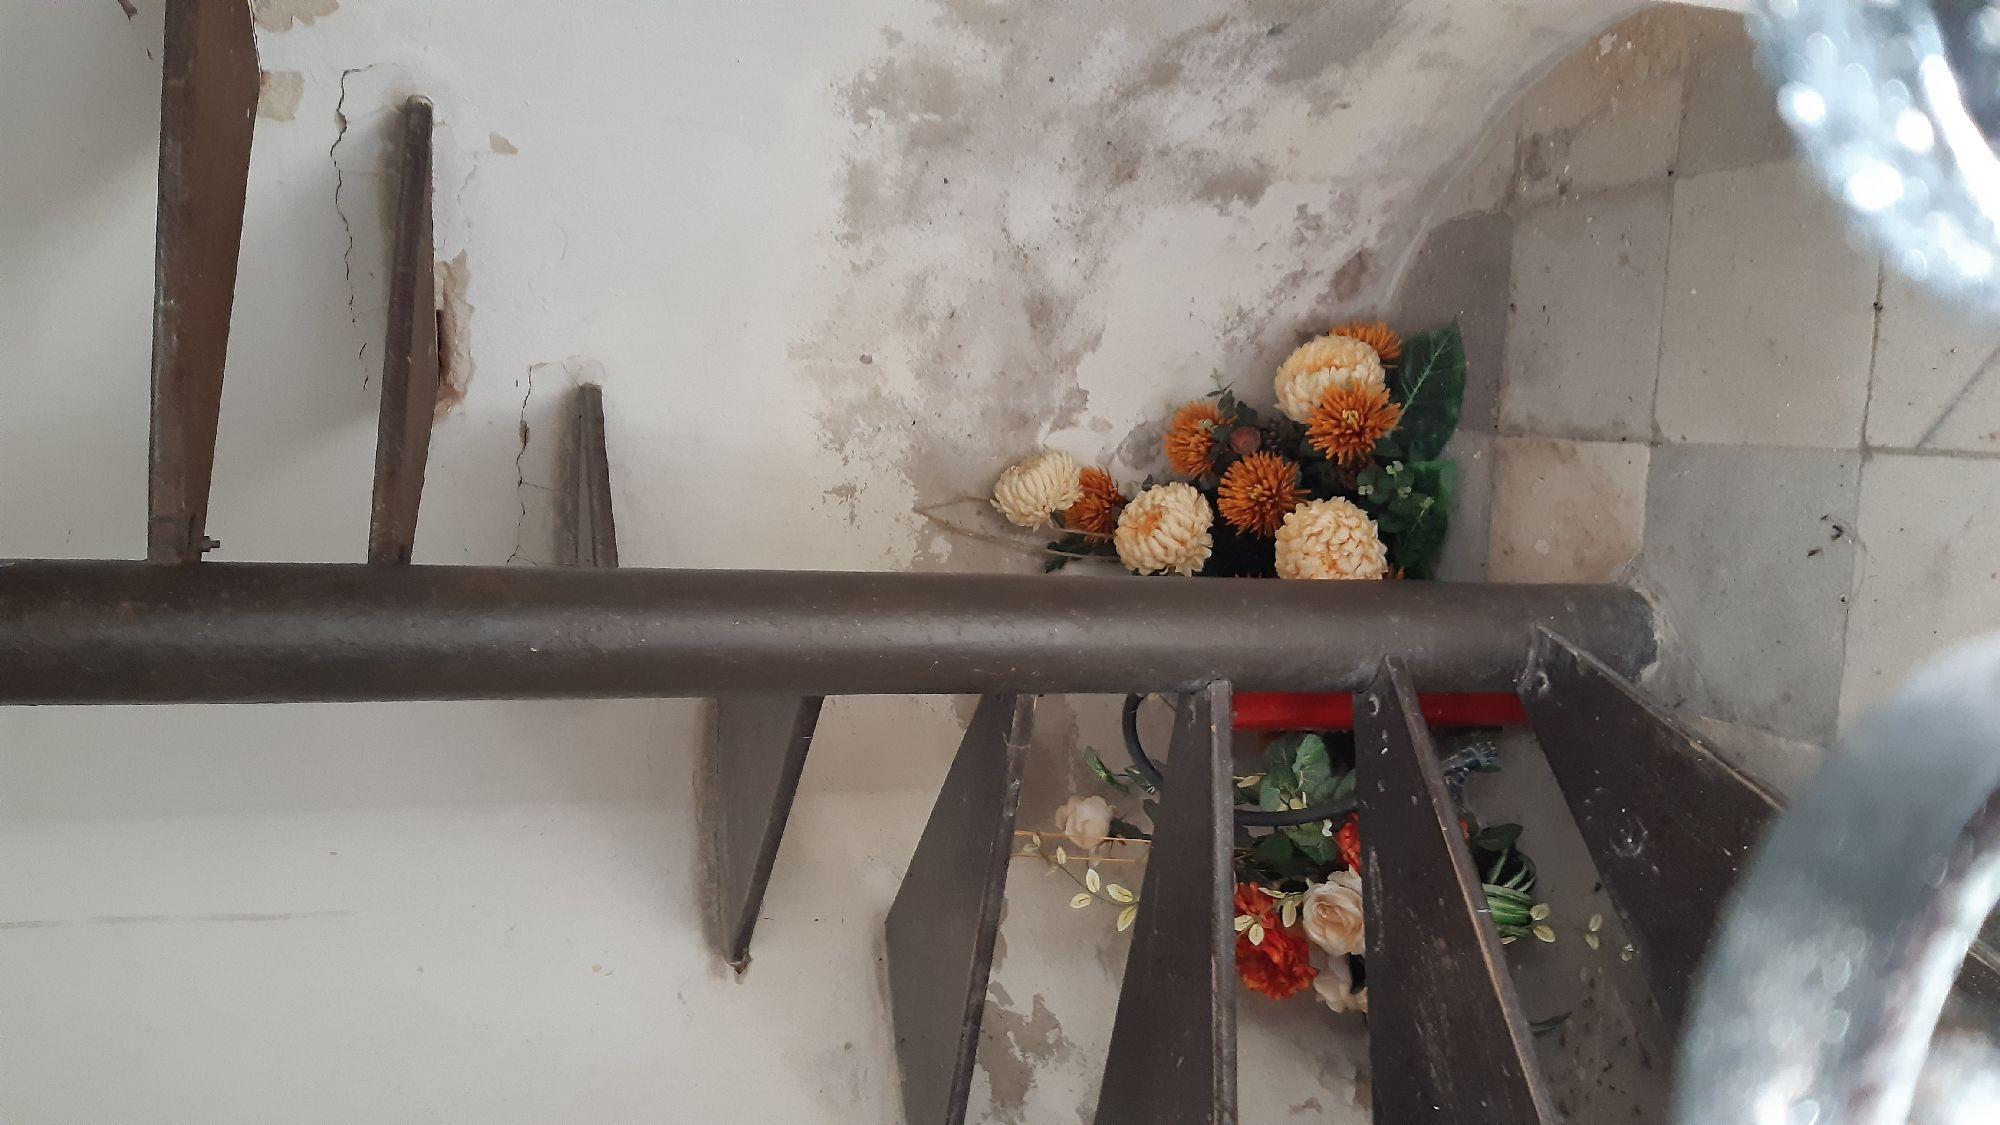 Лесенка на колокольню. Там же рядом и щёлочка для сбора пожертвований, я туда тоже бросила пару злотых